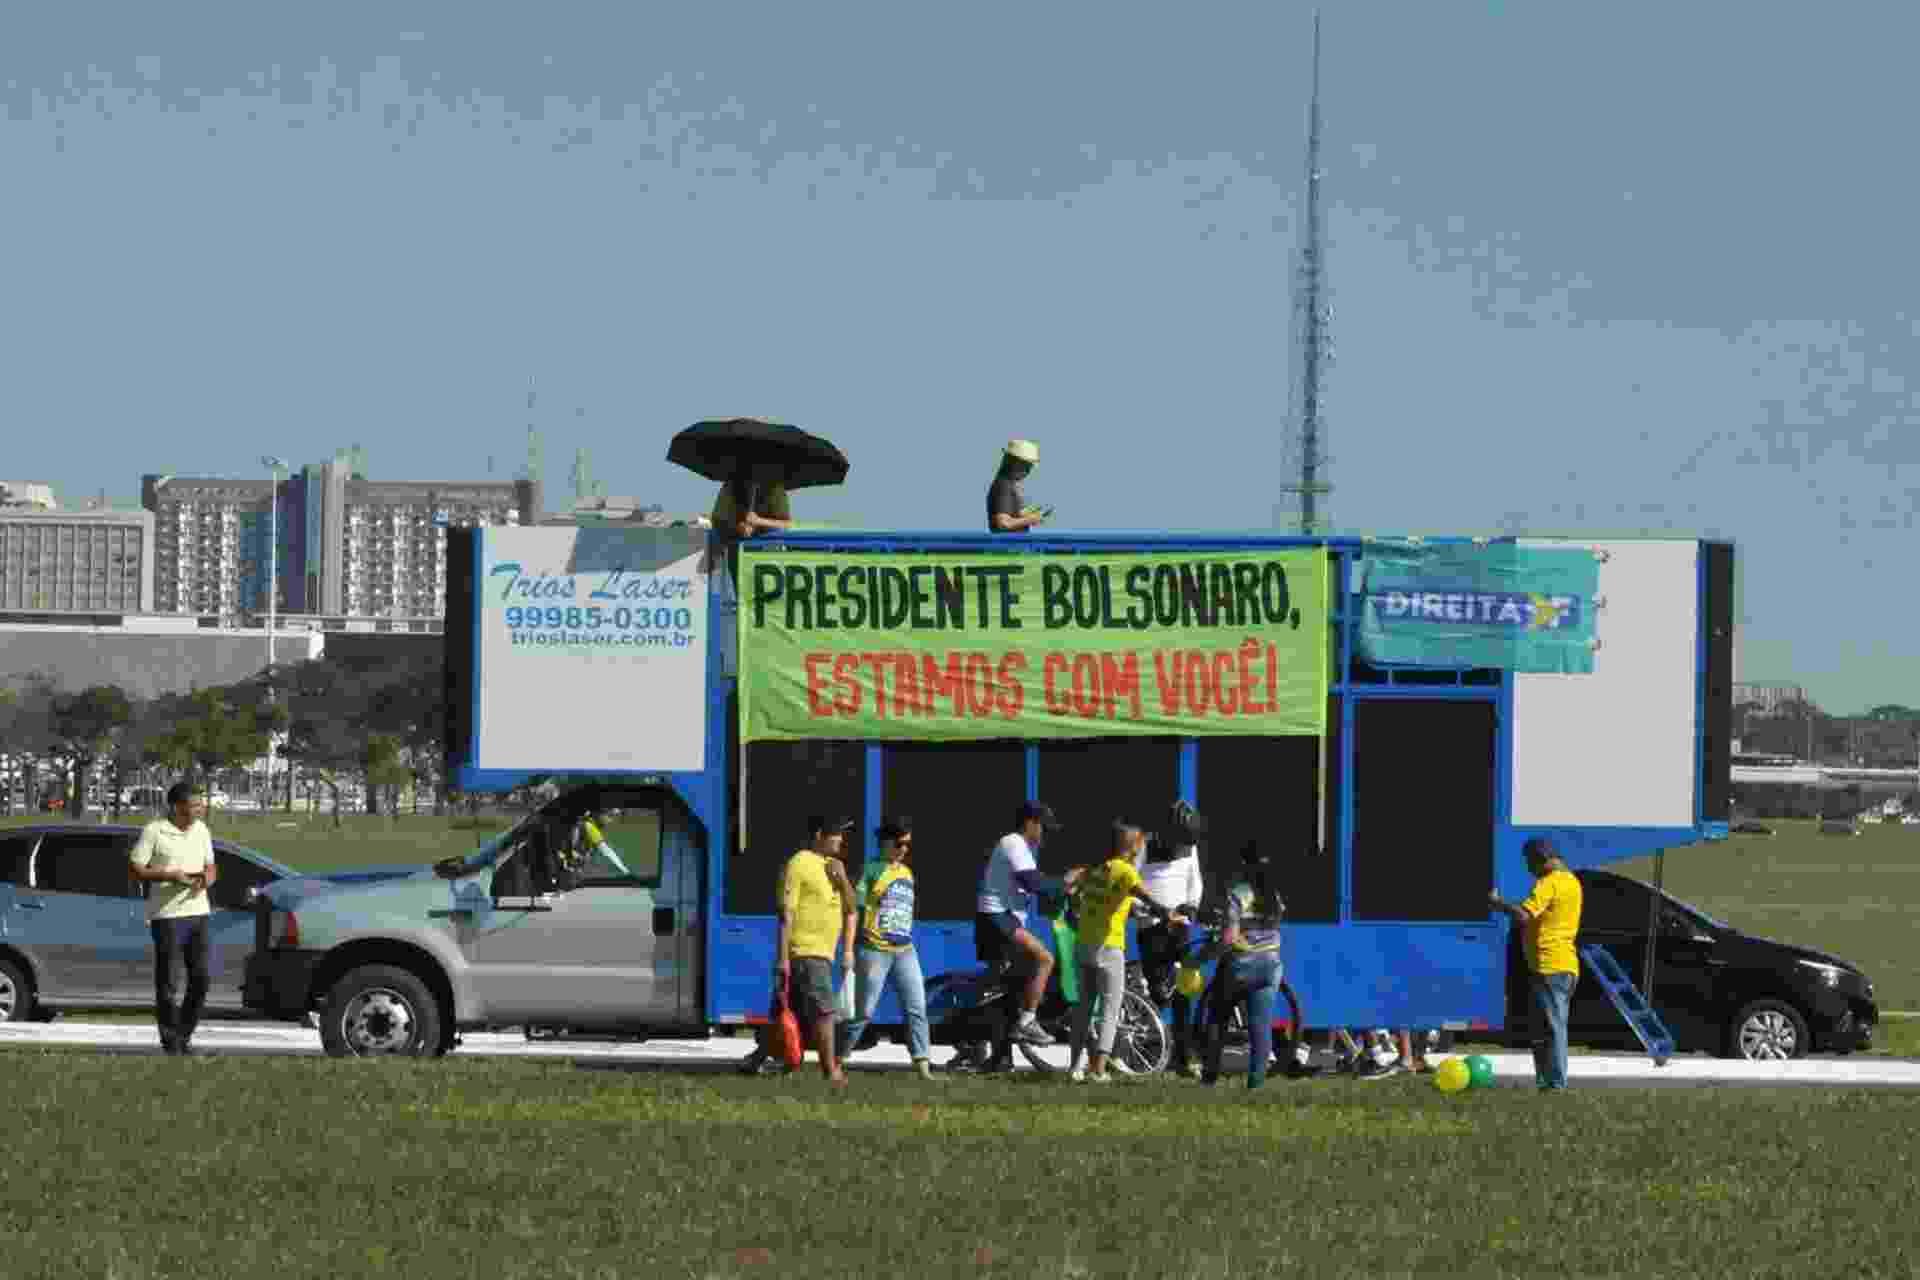 """26.mai.2019 - Em Brasília, manifestantes se reúnem para protestar a favor do governo; em faixa, é possível ler """"Presidente Bolsonaro, estamos com você"""" - Luciano Freire/Futura Press/Estadão Conteúdo"""